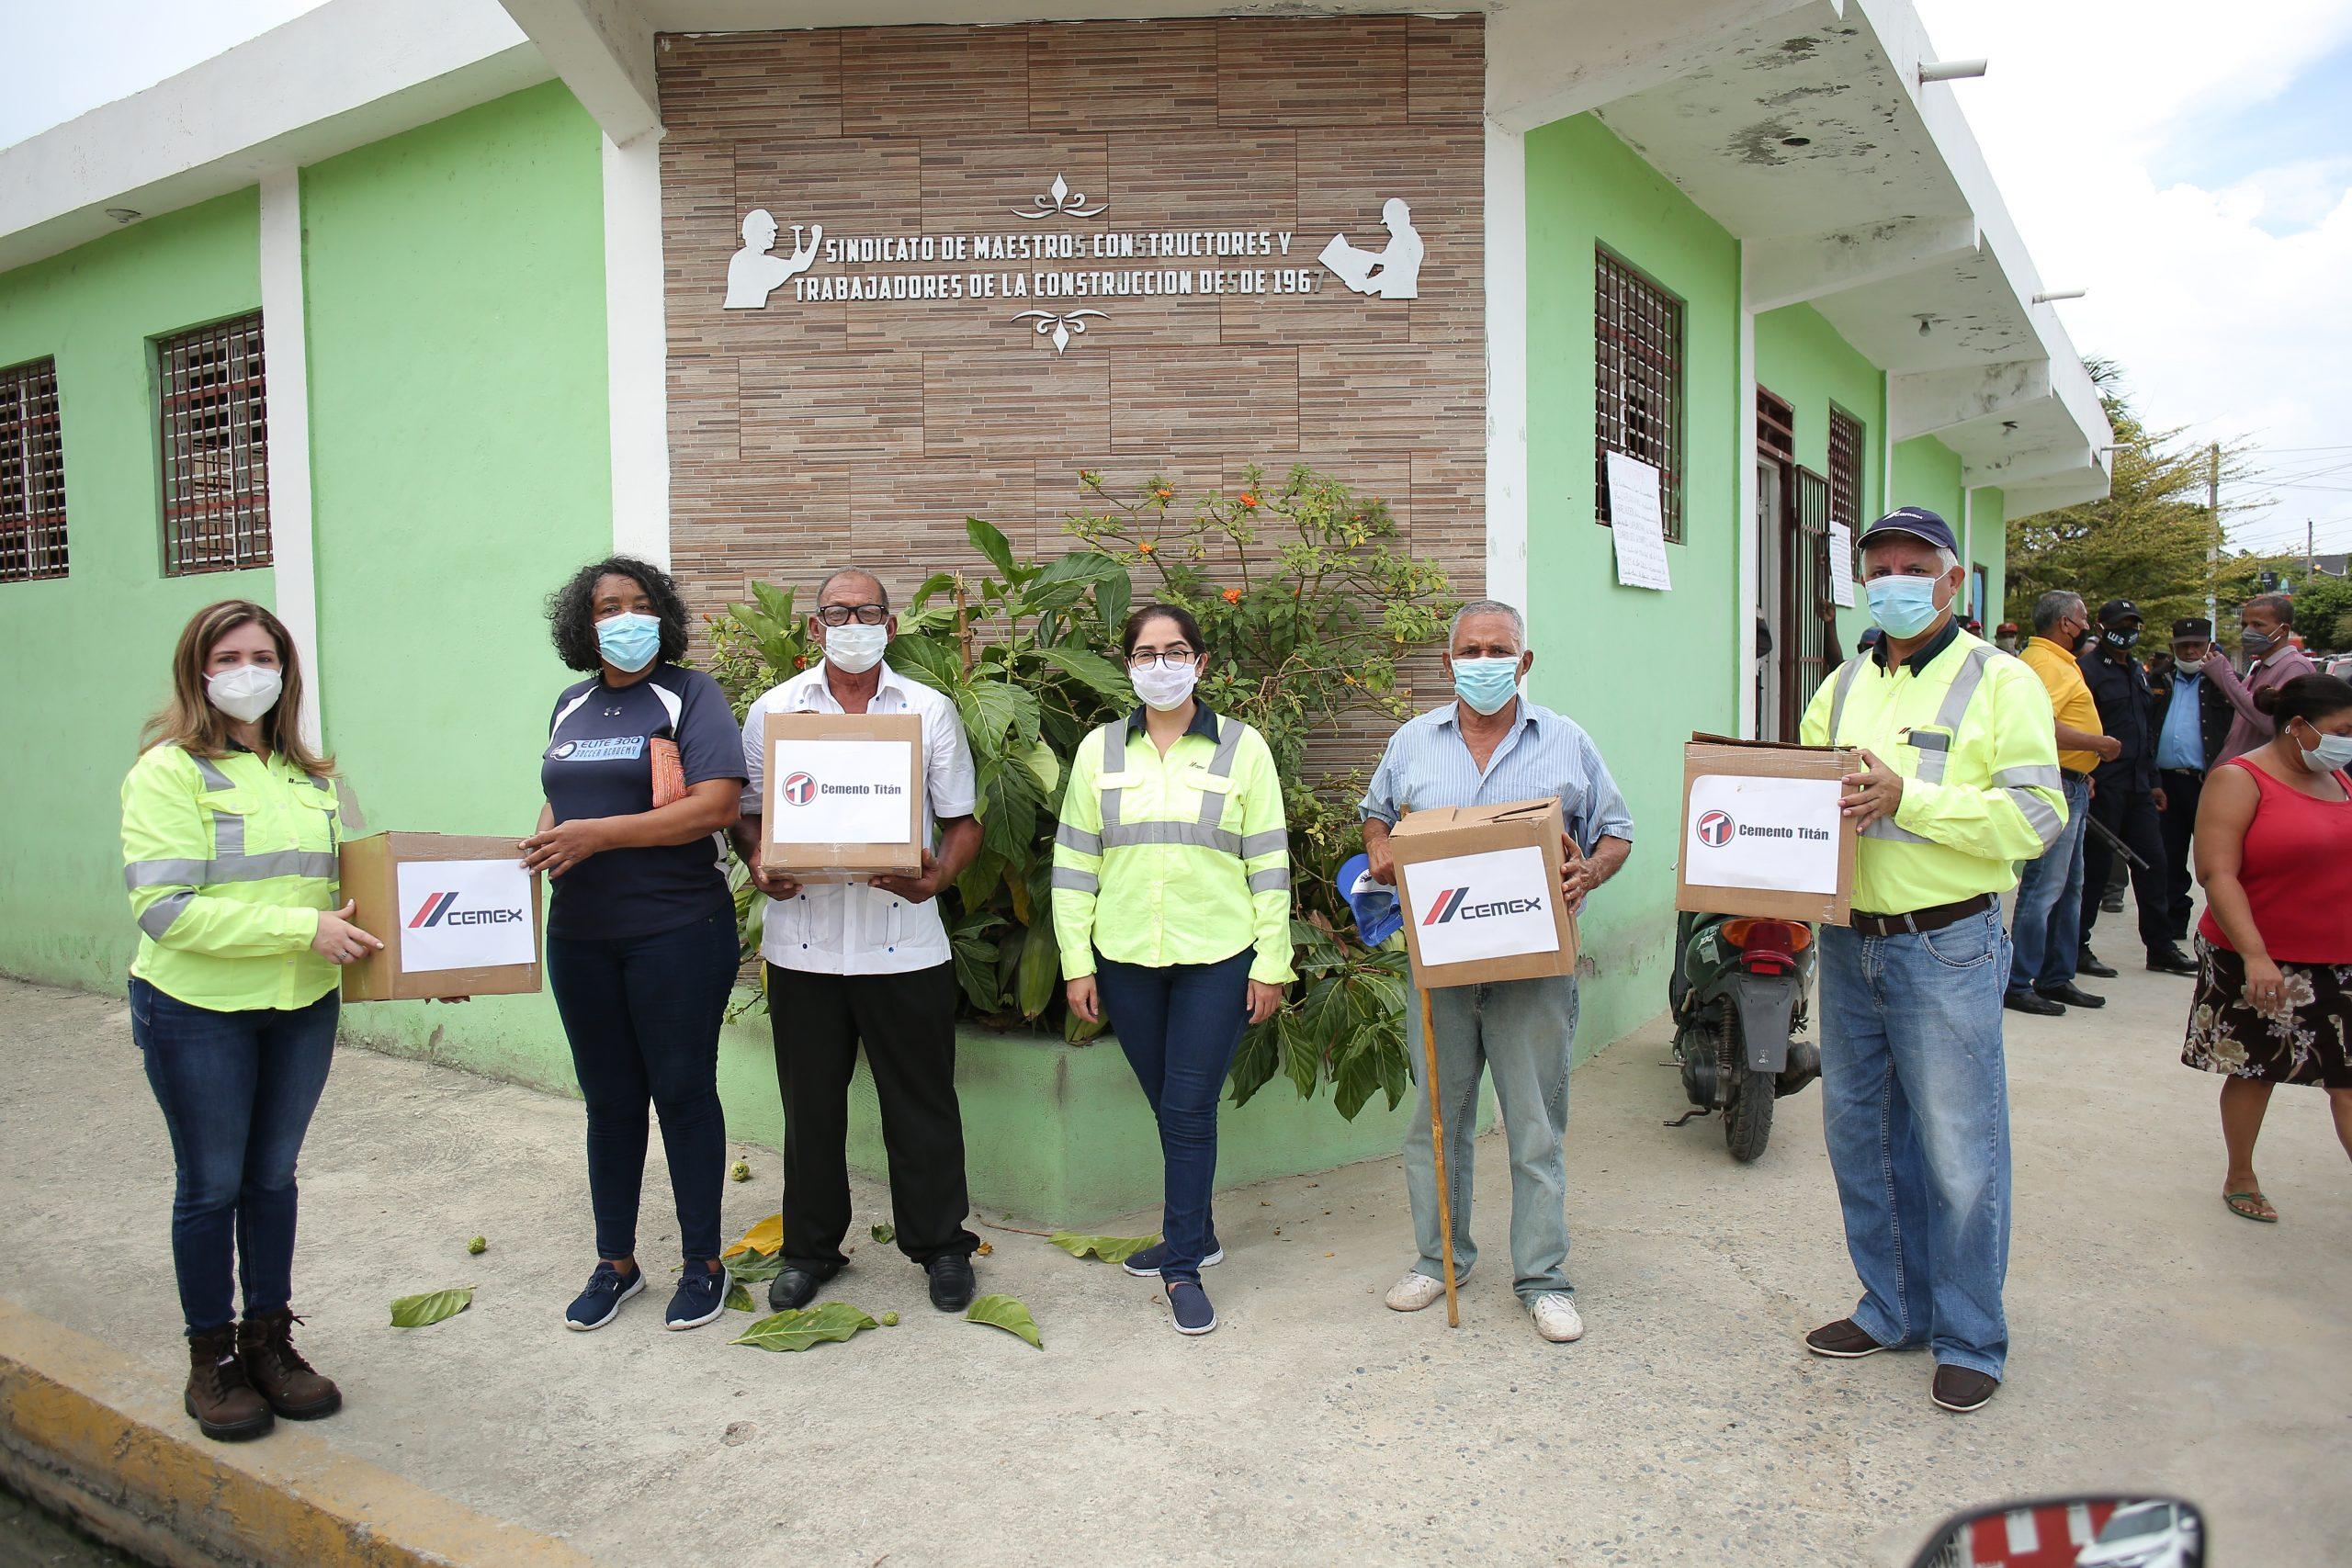 cemex dominicana entrega kit alimenticios a trabajadores de la construcción en spm